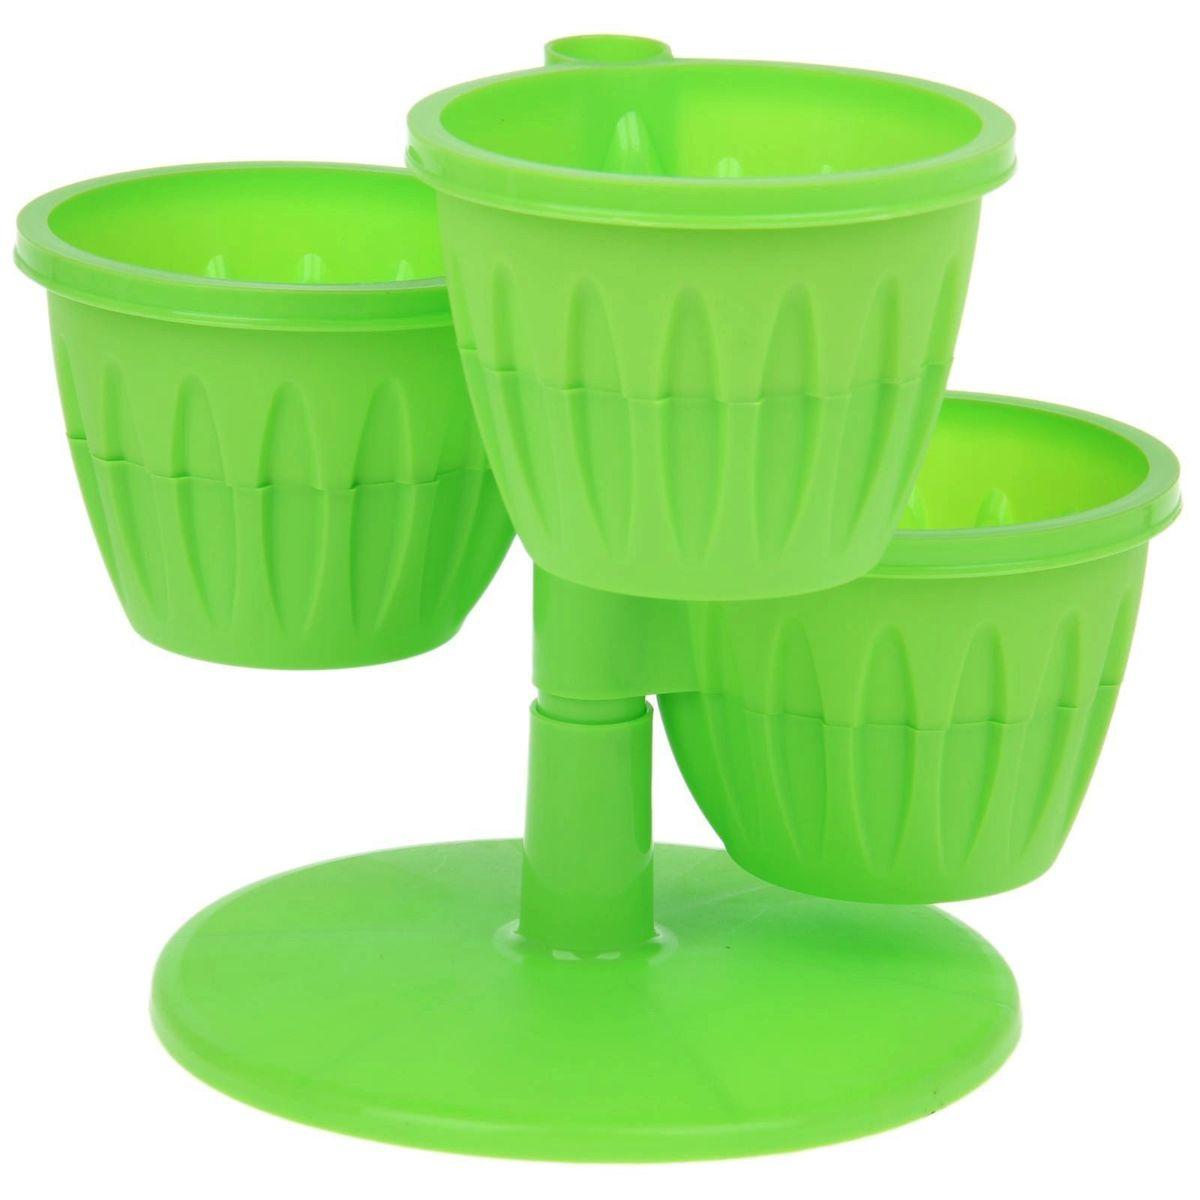 Каскад цветочный JetPlast Каскад, с подставкой, цвет: зеленый, высота 23 см4612754051144Цветочный каскад JetPlast Каскад состоит из трех горшков, установленных на одну подставку. Каждый горшок состоит из двух частей: в верхнюю высаживается растение, а нижняя часть используется как резервуар для воды. Цветочный каскад позволяет вам эффективно использовать площадь подоконника для высадки растений. Высота каскада: 23 см. Диаметр горшка по верхнему краю: 13,5 см. Диаметр дна горшка: 7,8 см. Высота горшка: 10 см.